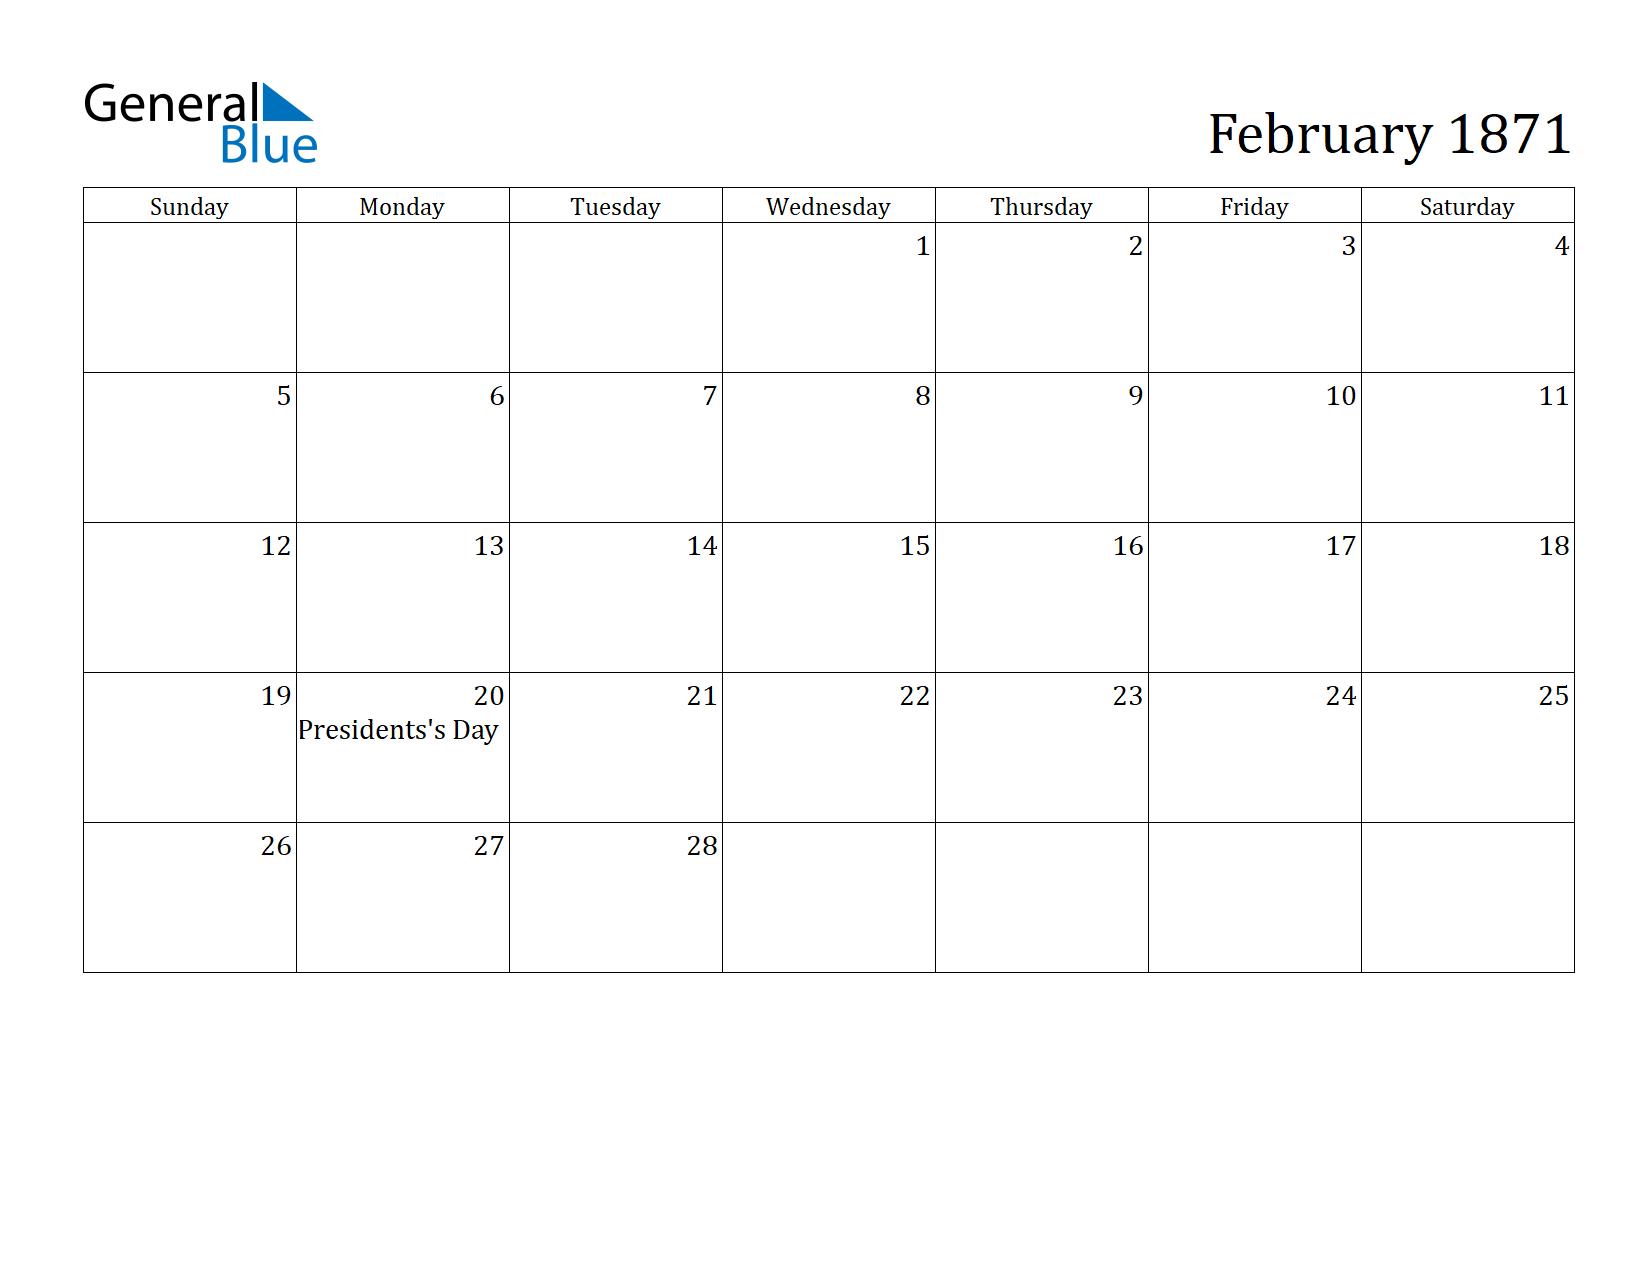 Image of February 1871 Calendar